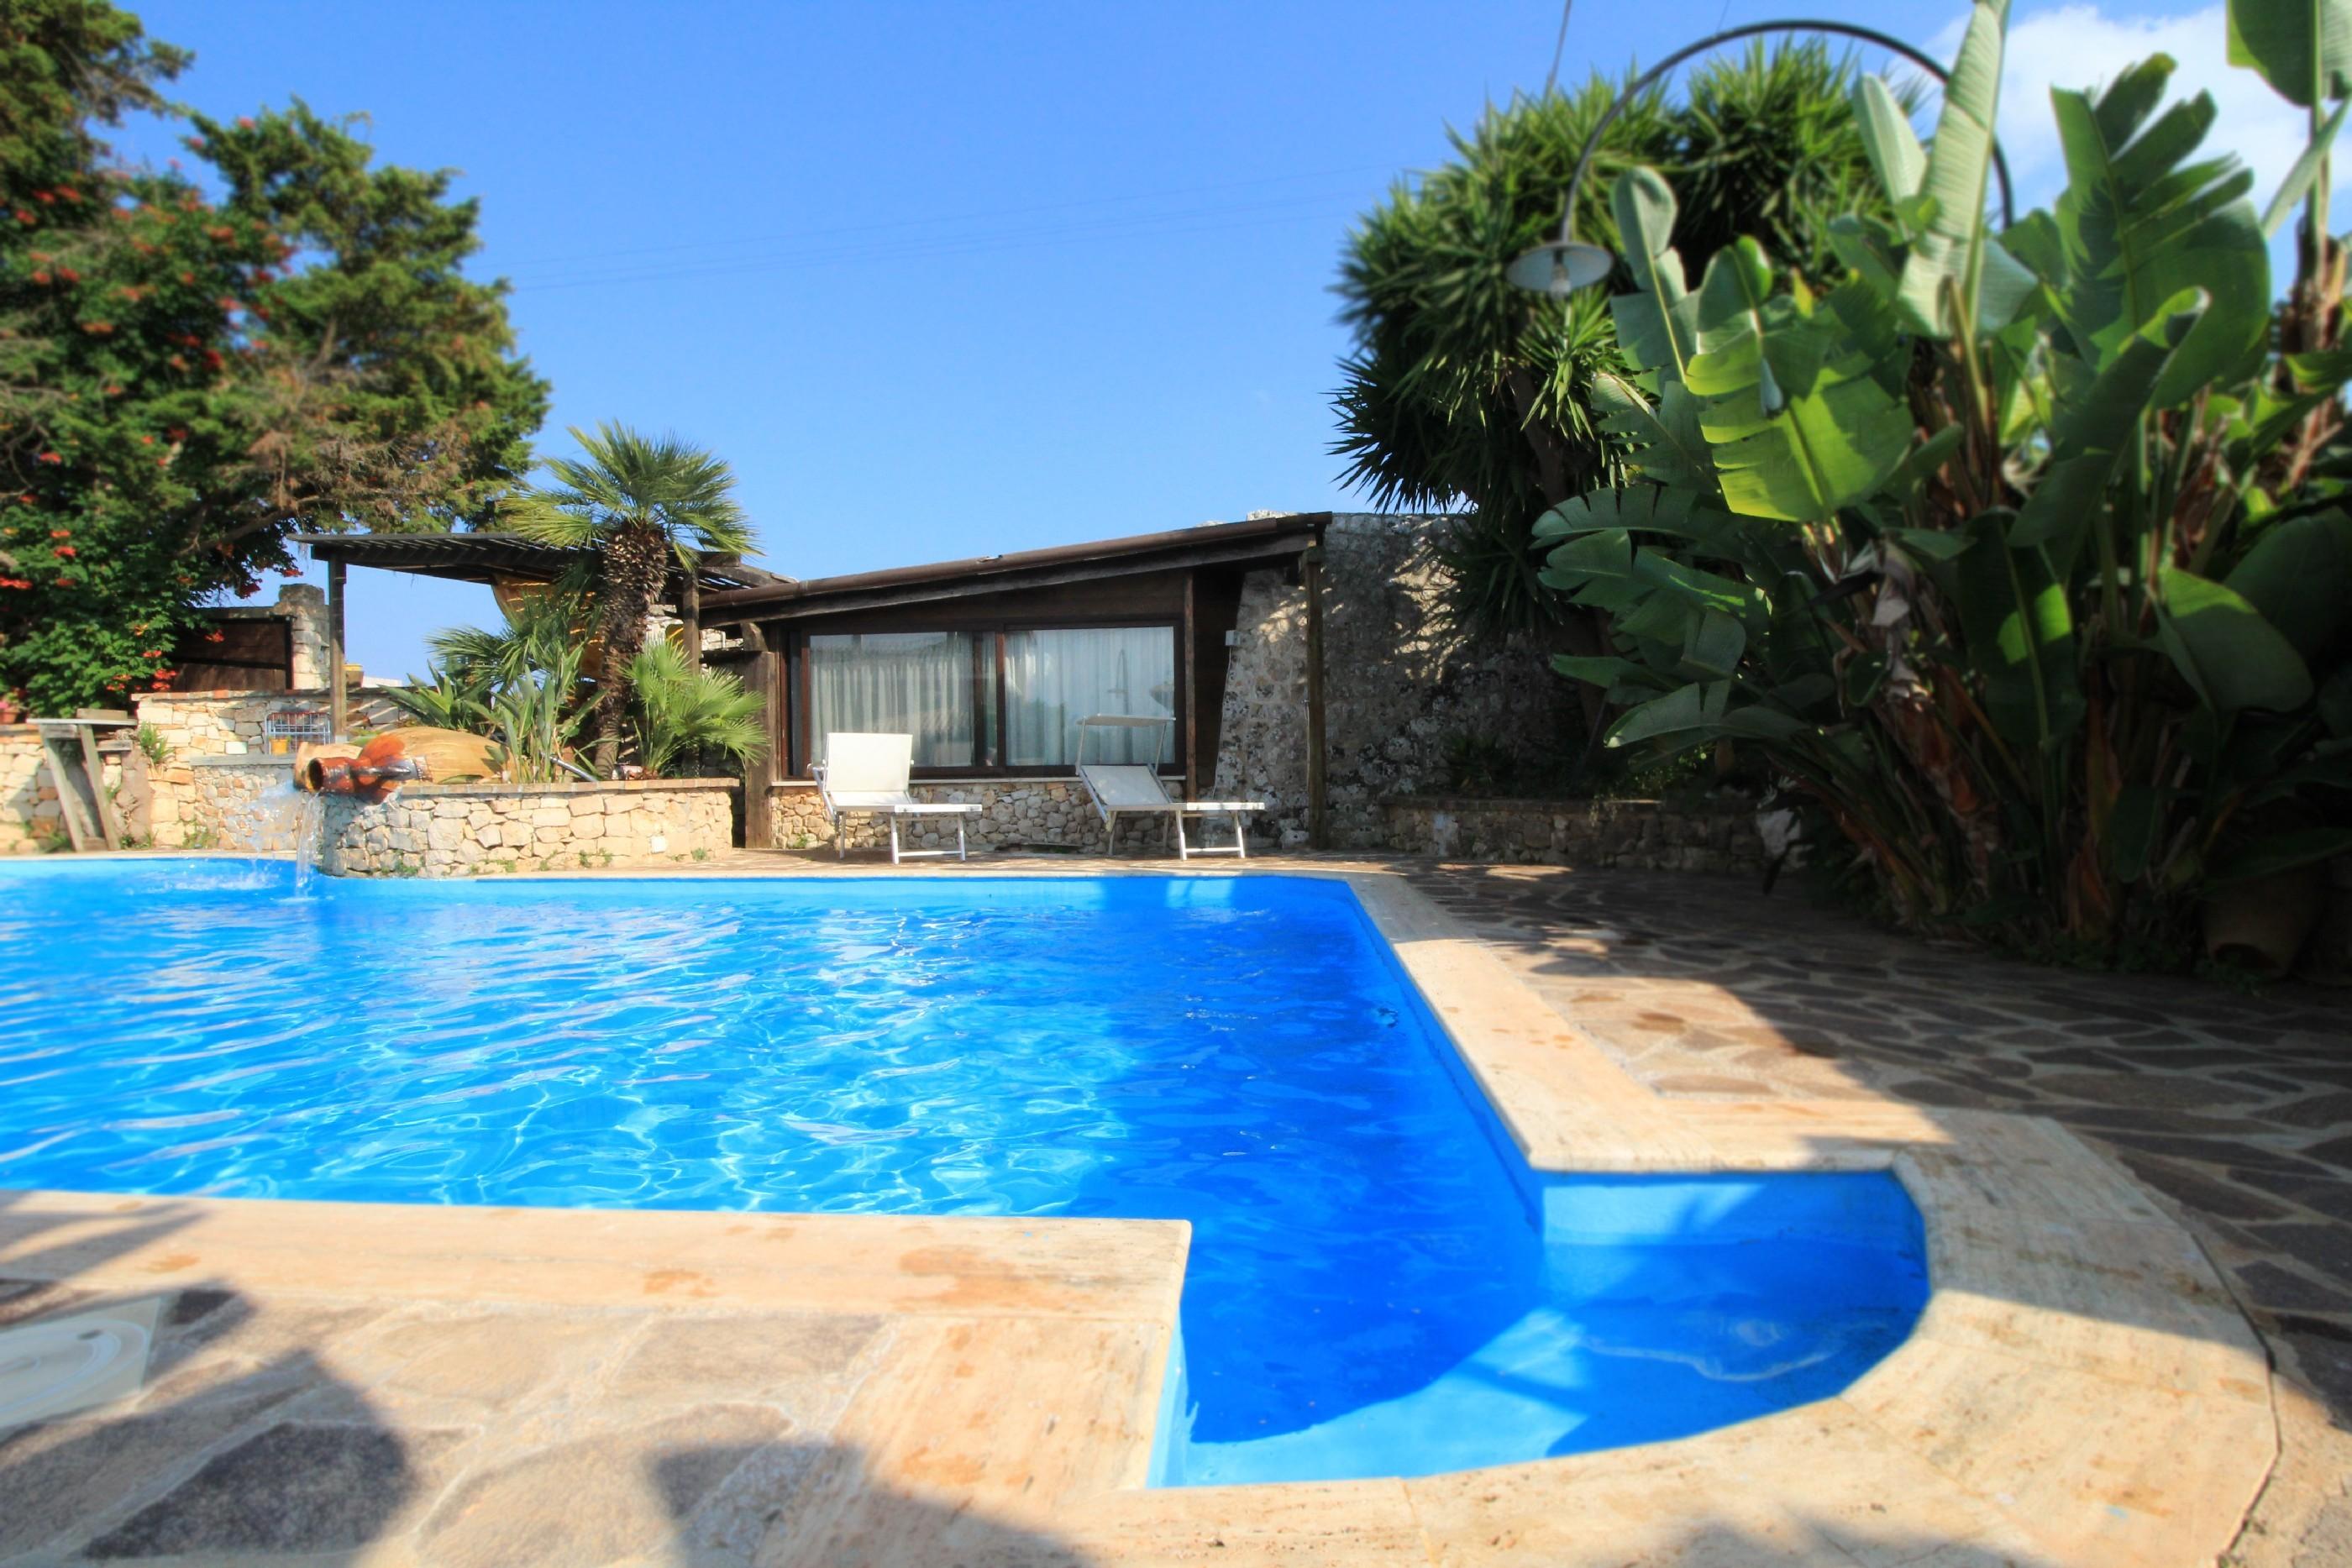 Merlo Trullo con piscina photo 20369928